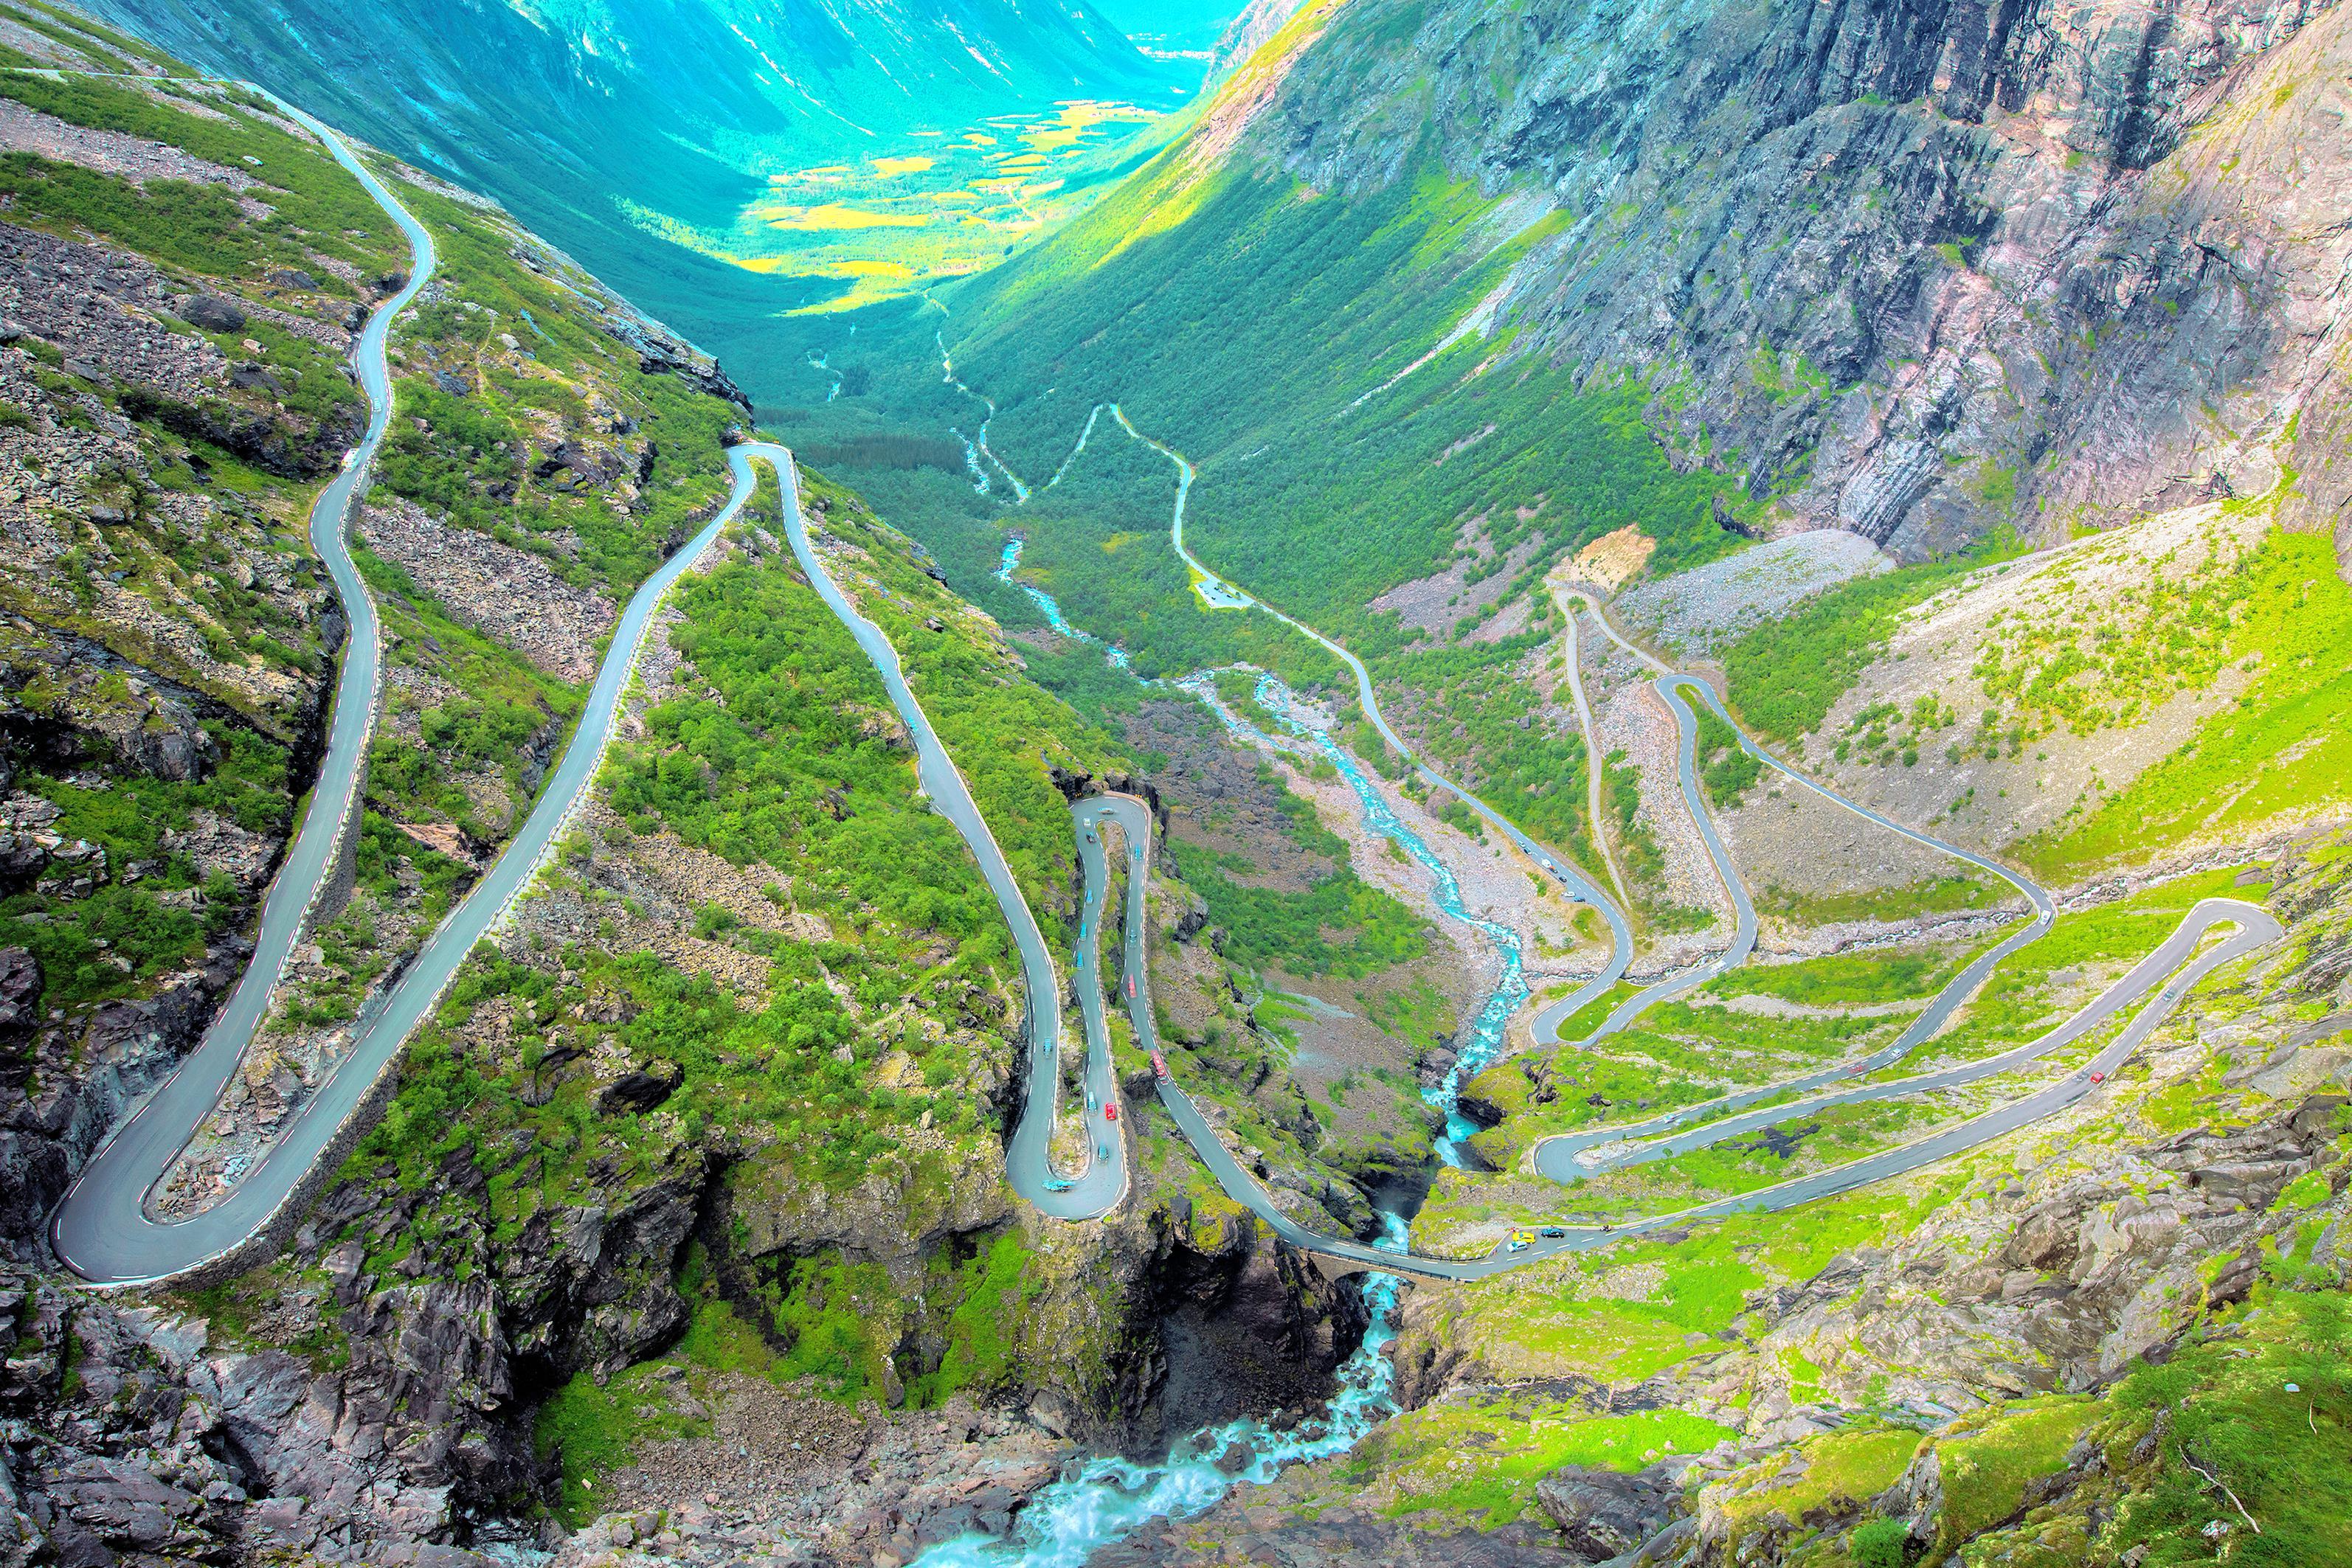 The Trollstigen Road